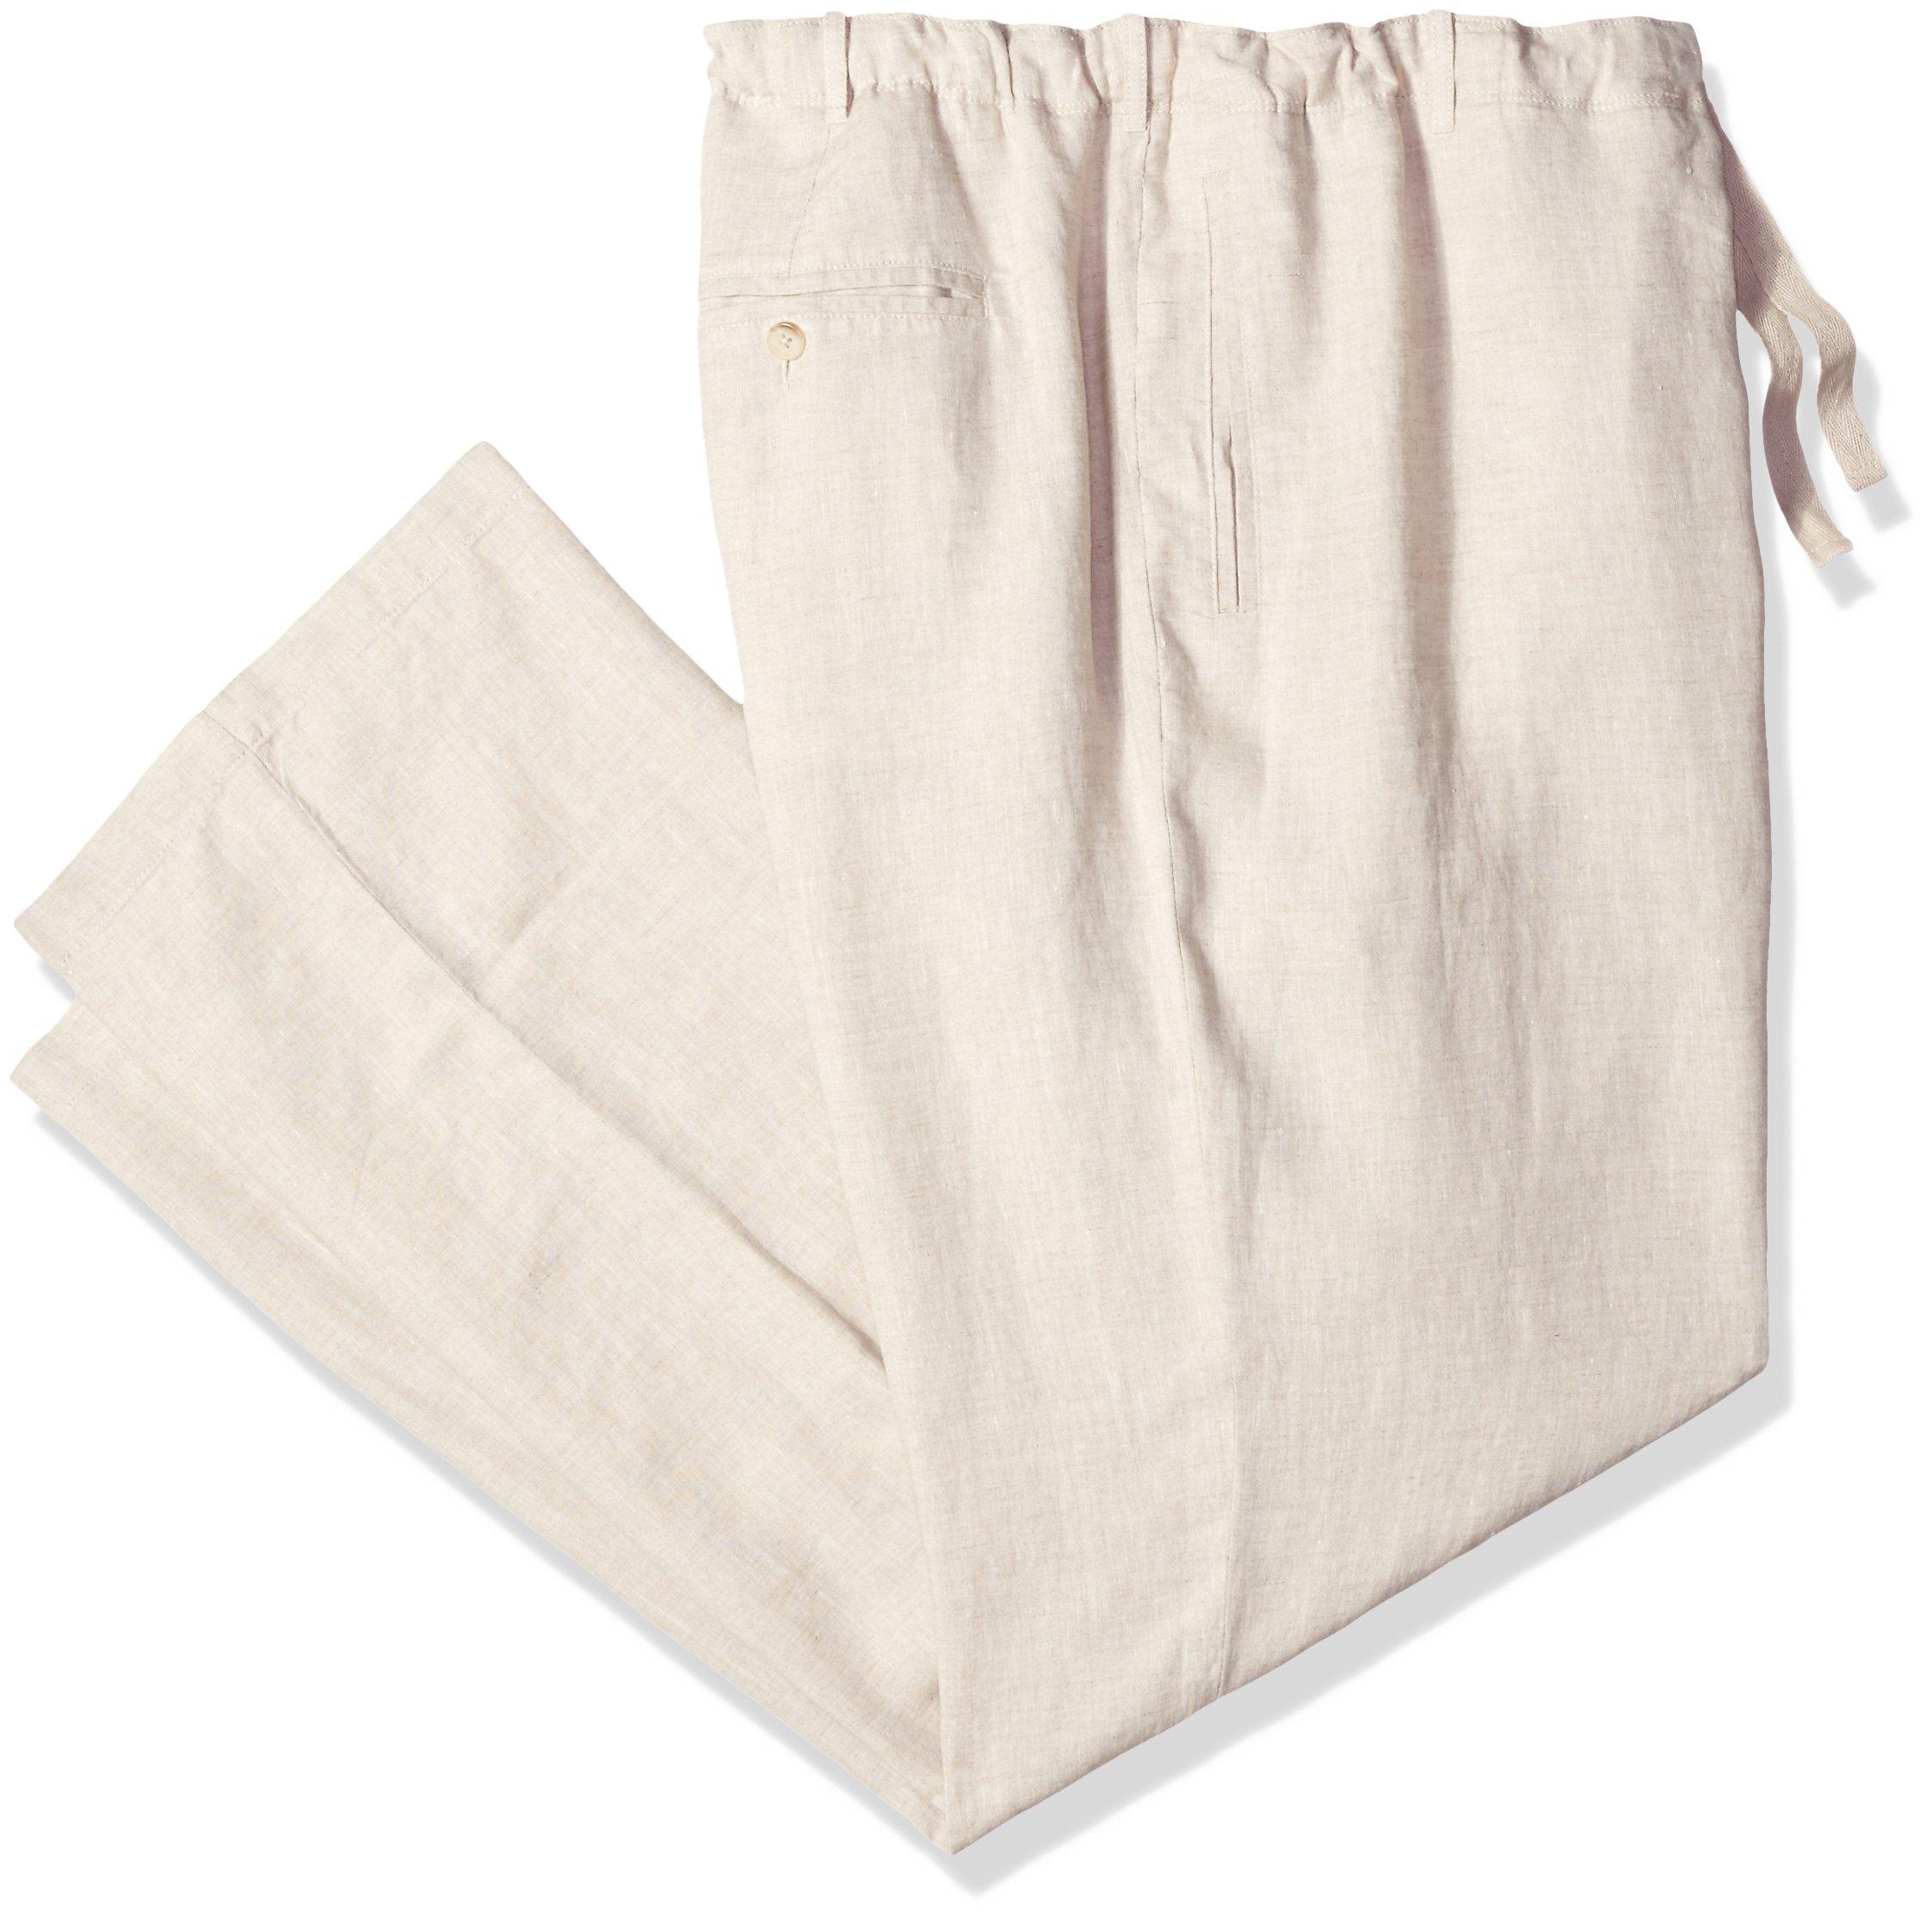 Perry Ellis Men's Big and Tall Linen Drawstring Pant, Natural Linen, 48W X 32L